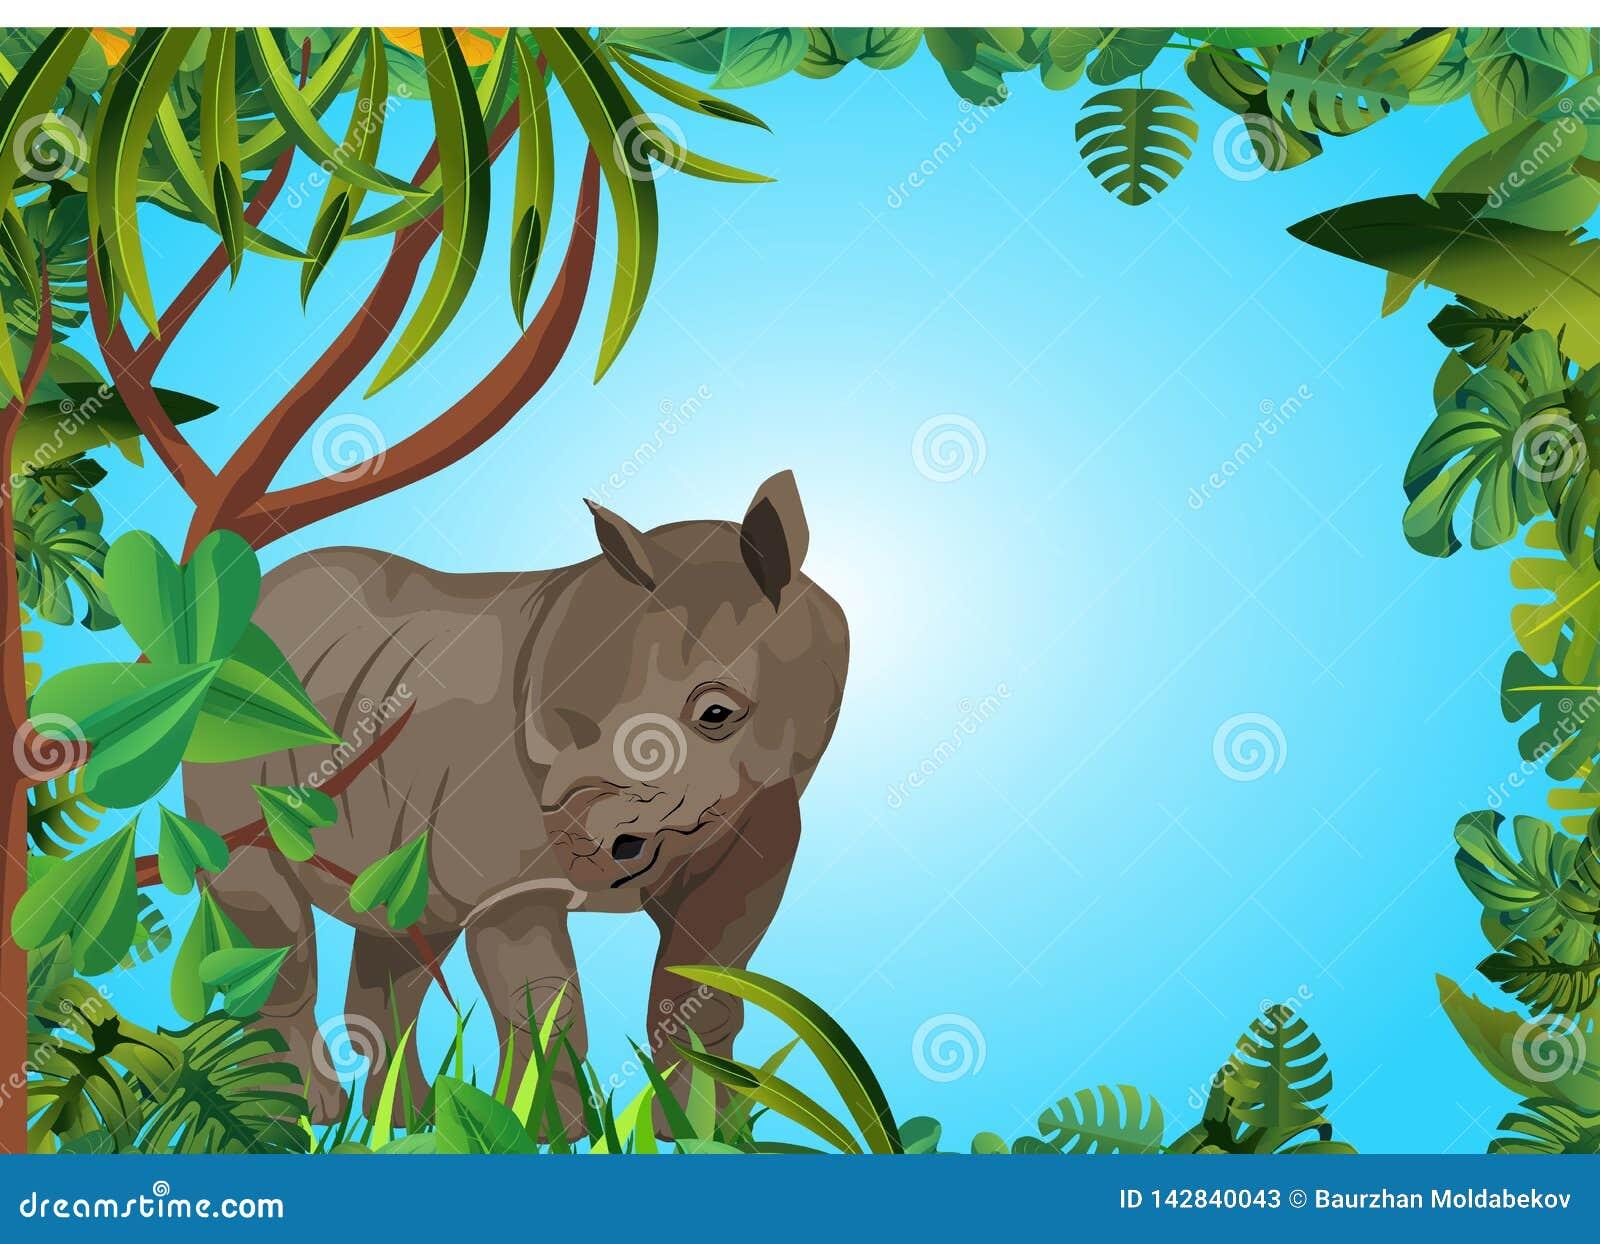 Nashorn im Dschungel, Blumenrahmen